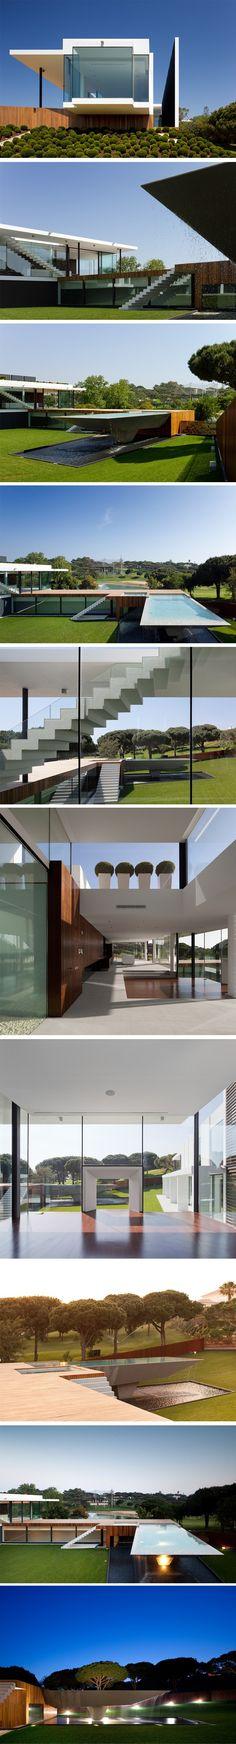 Casa Vale Do Lobo par Arqui+Arquitectura - Journal du Design. Contemporary dream home.